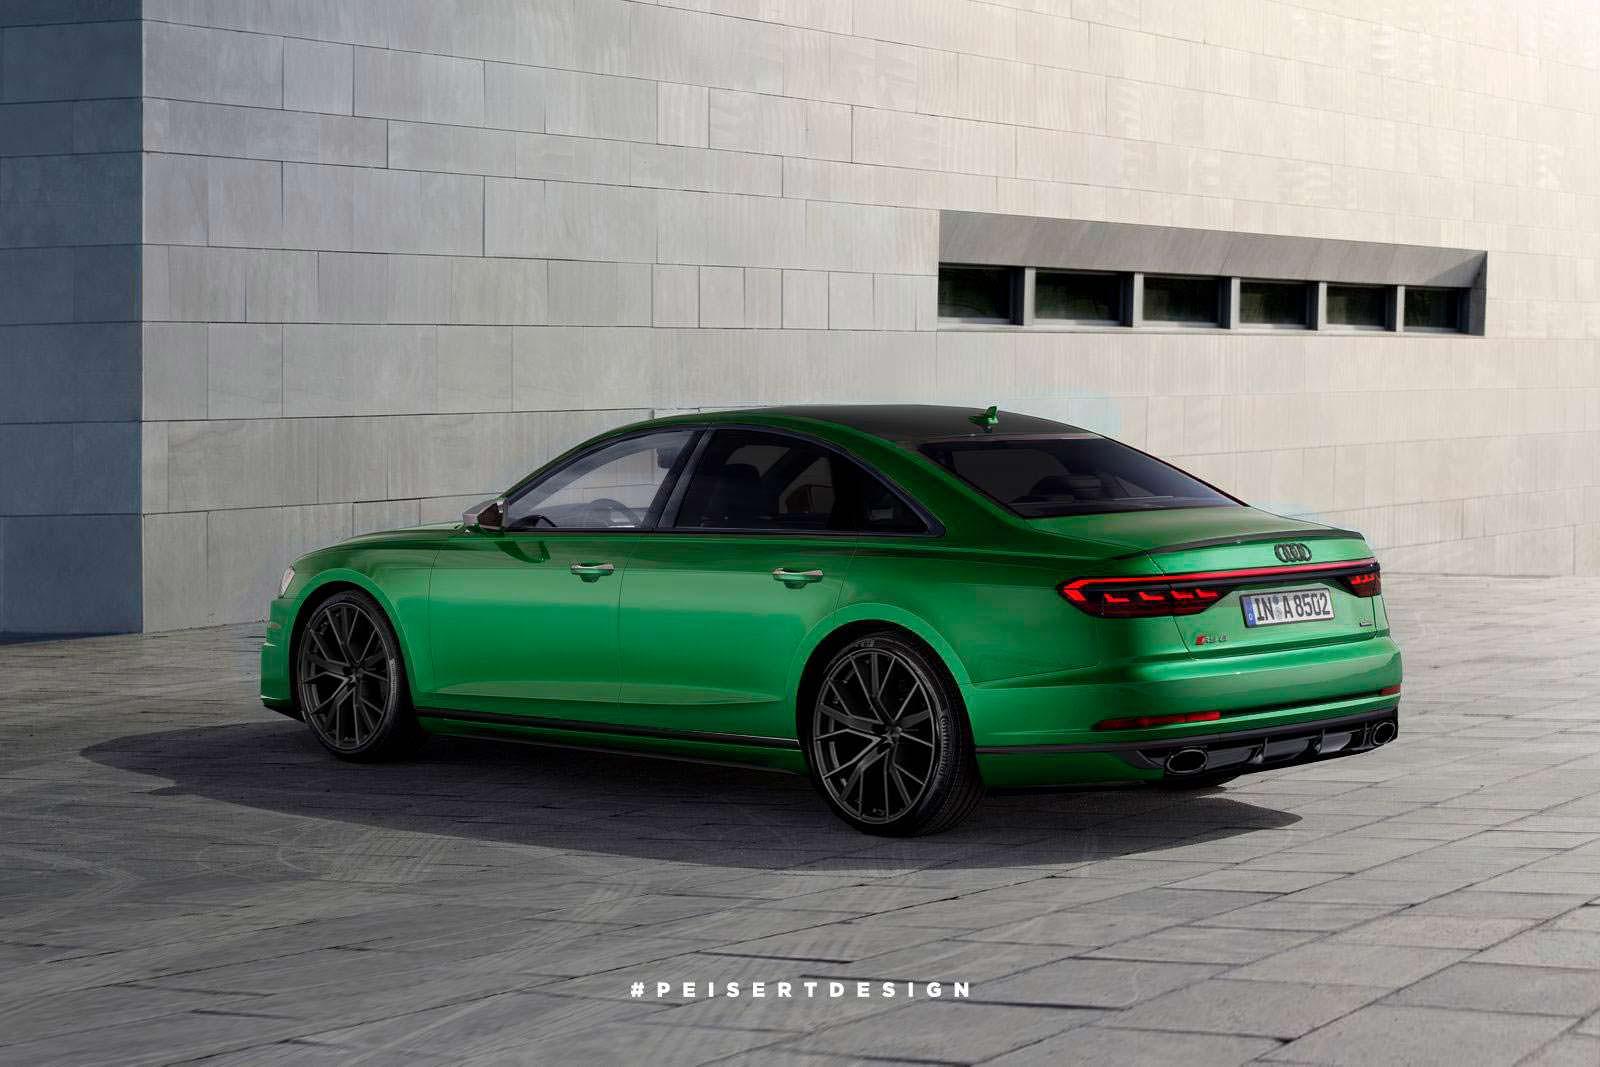 Фото | Audi RS8. Неофициально от PeisertDesign